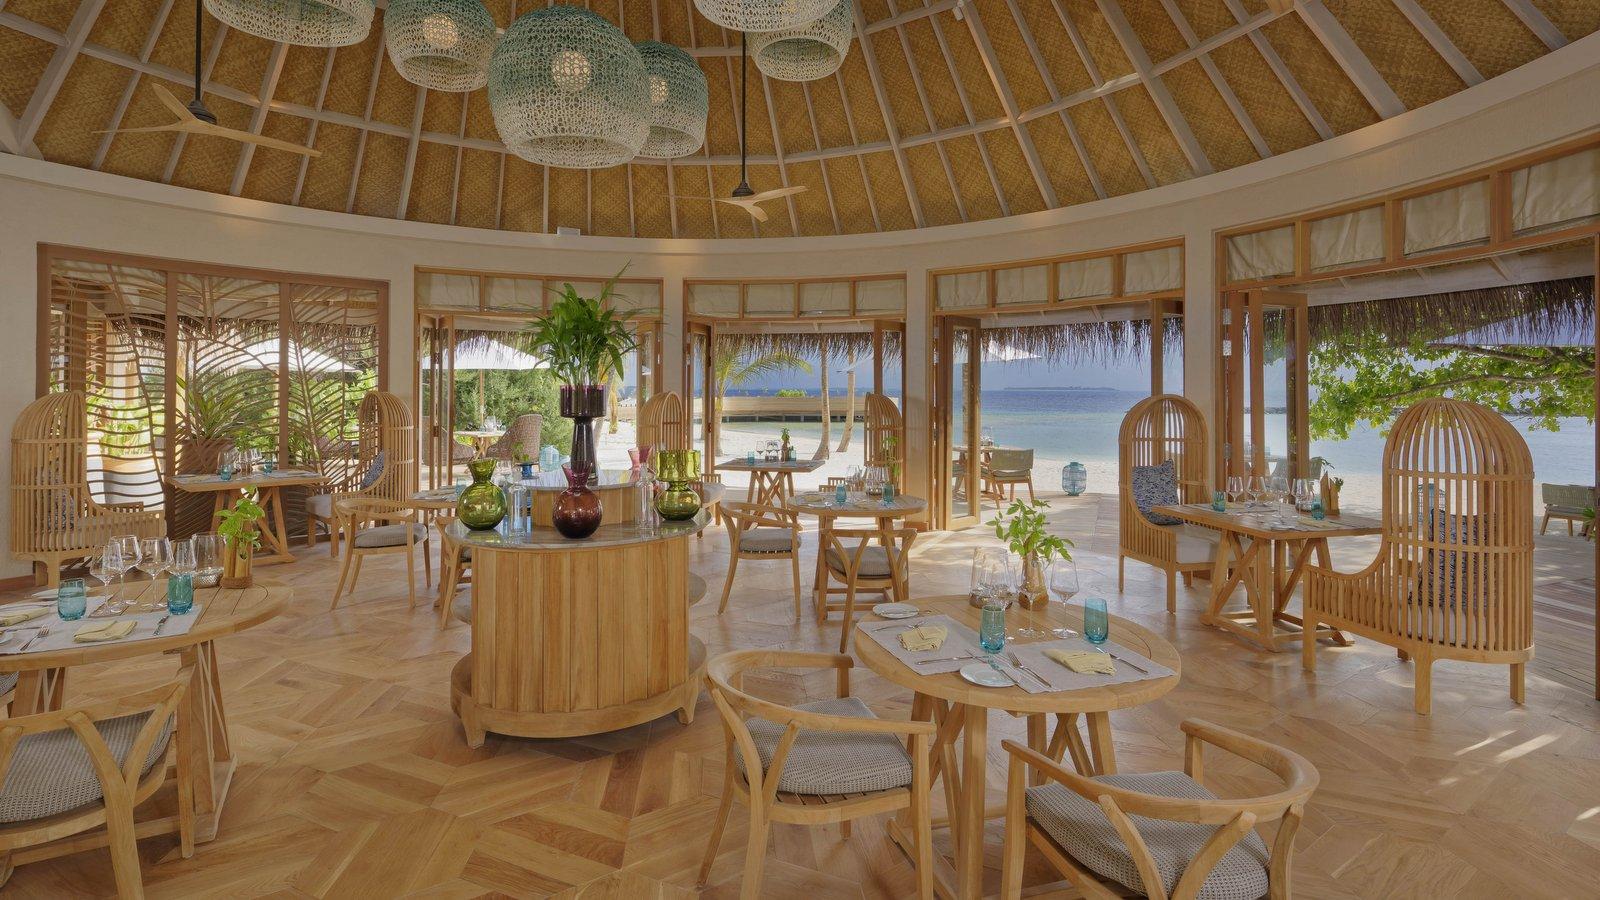 Мальдивы, отель The Nautilus Maldives, ресторан Thyme